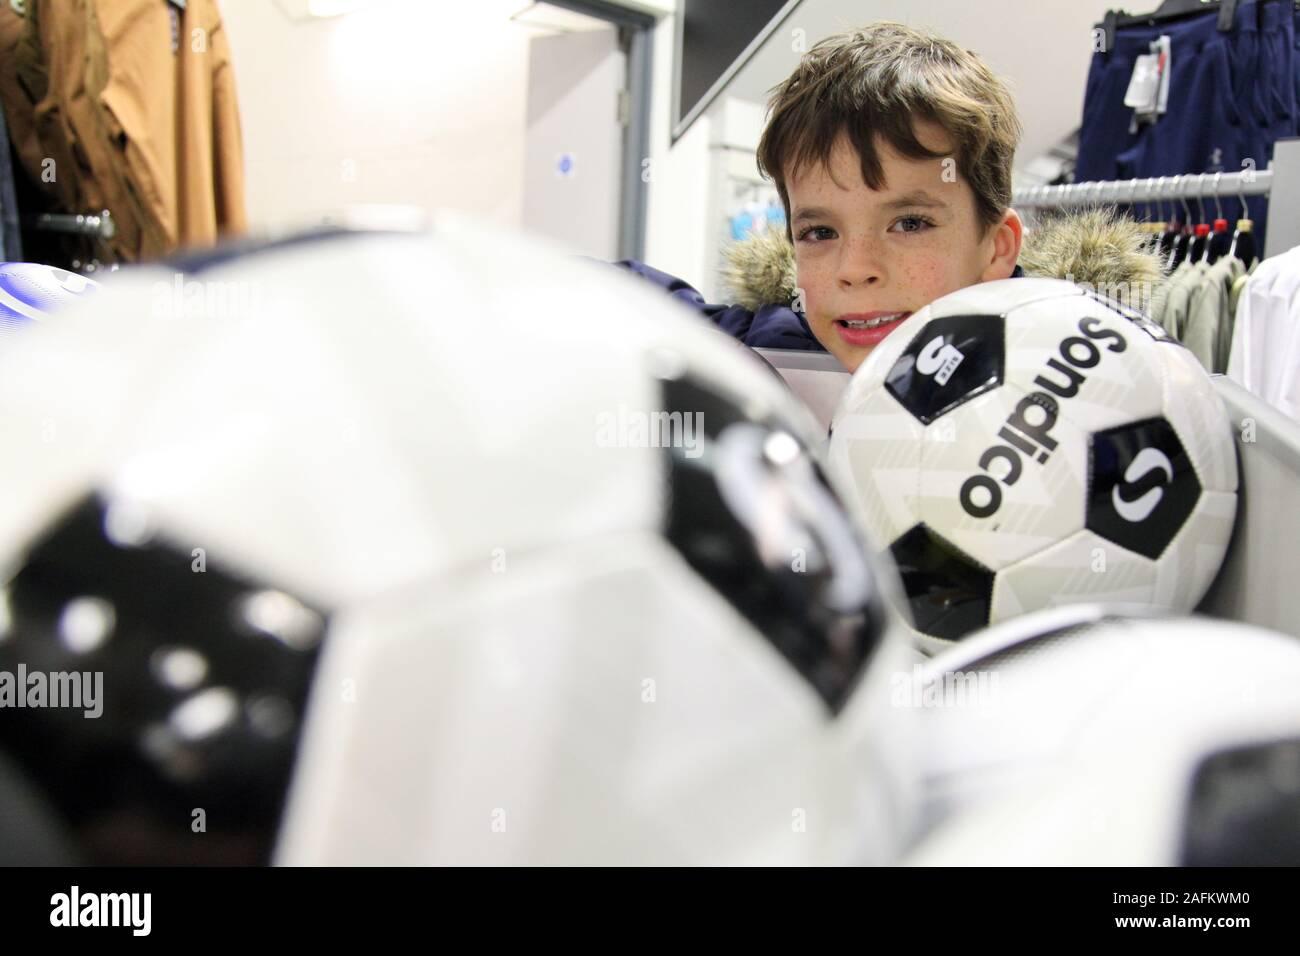 Un monsieur jeune garçon regarde au-dessus d'un rack de Sondico en ballons de sport JD, 2019 Banque D'Images